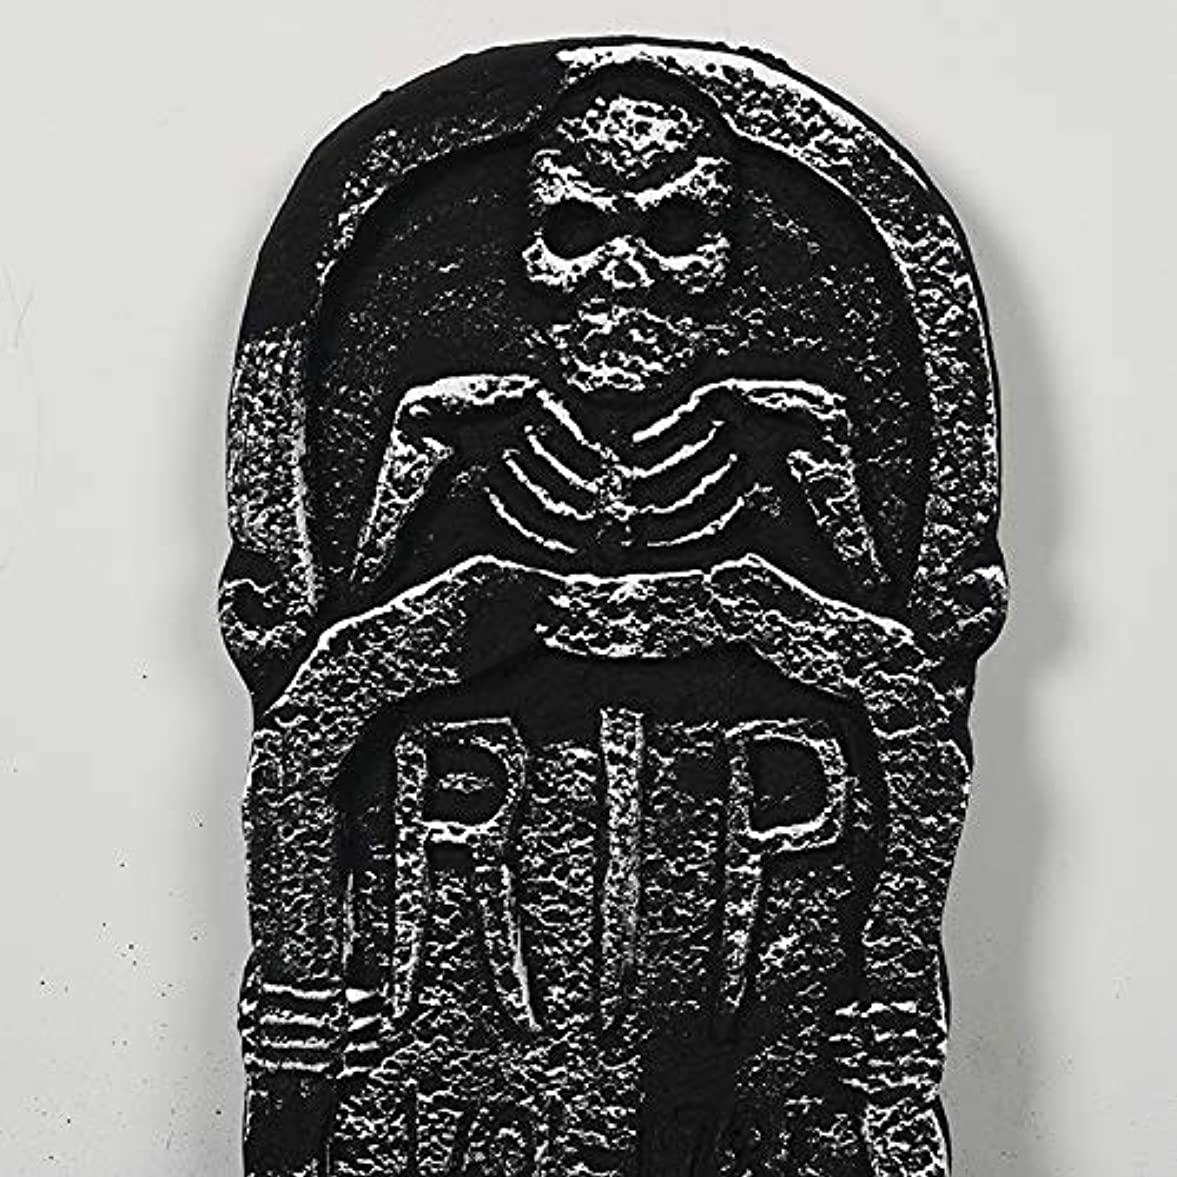 クモ科学的ずらすETRRUU HOME 4ピース三次元墓石ハロウィーン装飾バーお化け屋敷の秘密の部屋怖い装飾パーティー雰囲気レイアウト小道具